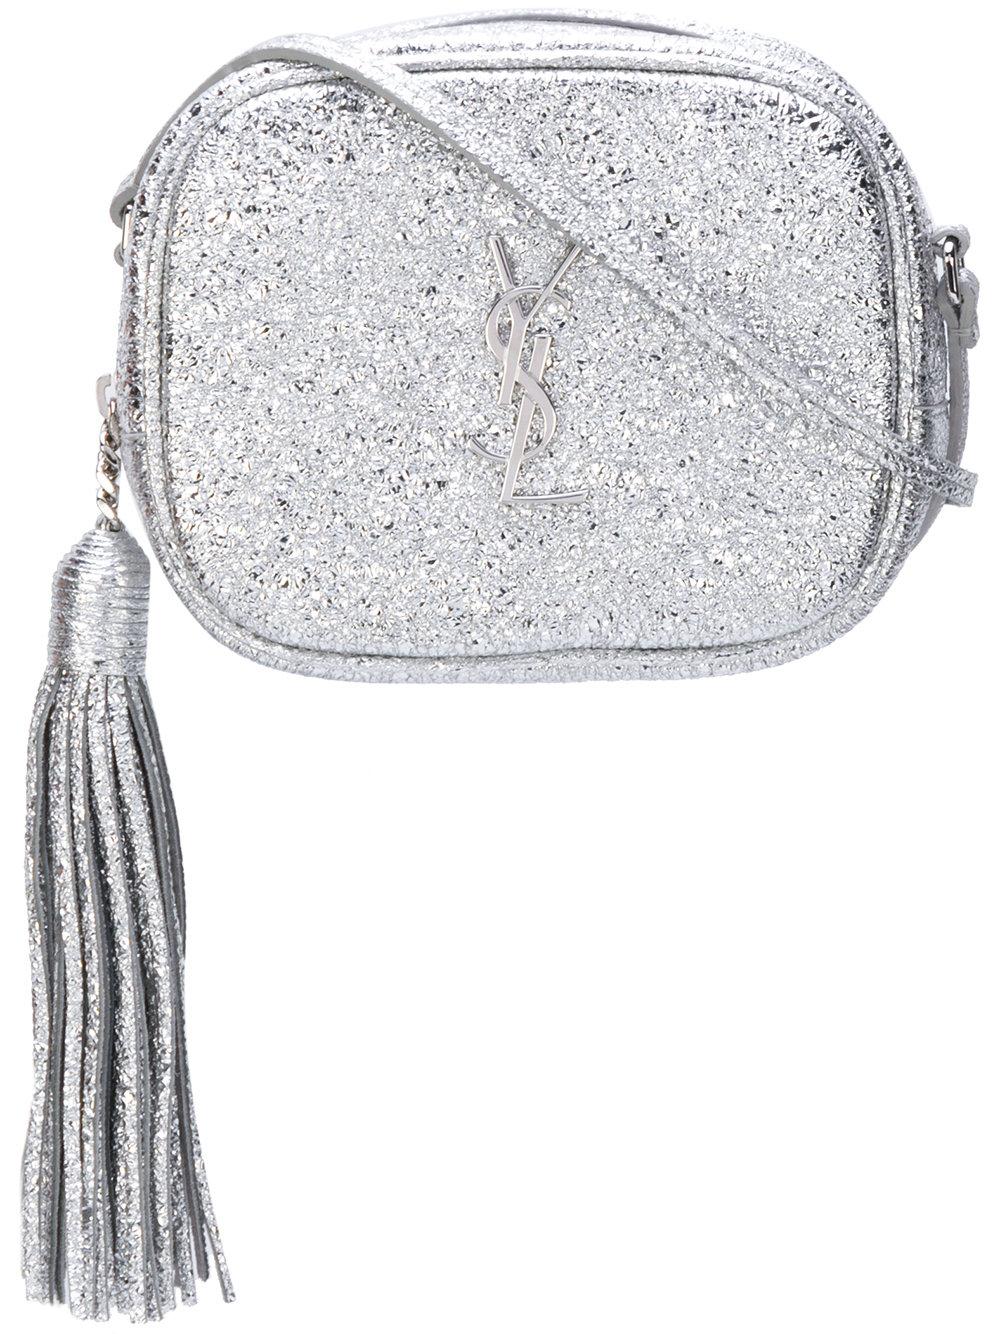 SAINT LAURENT bag $1,150